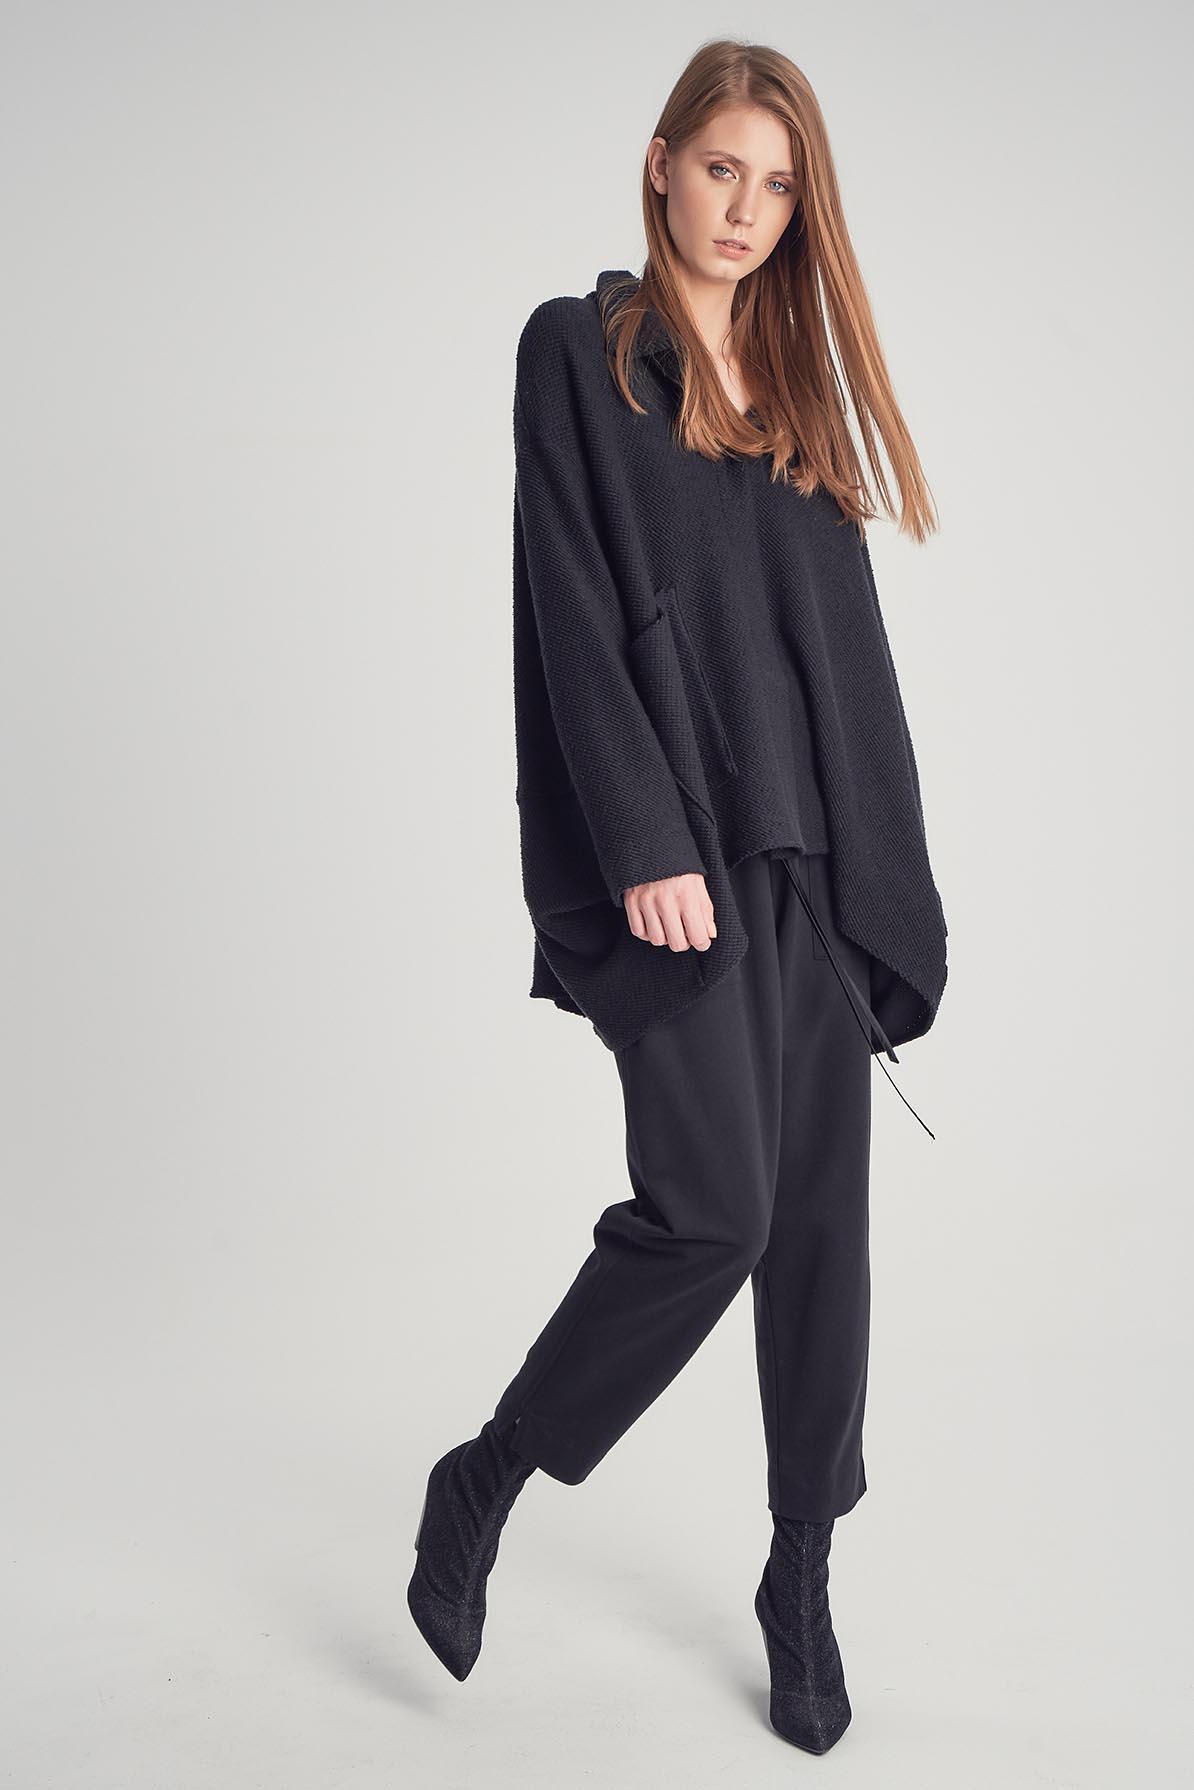 Jachetă Janna Black